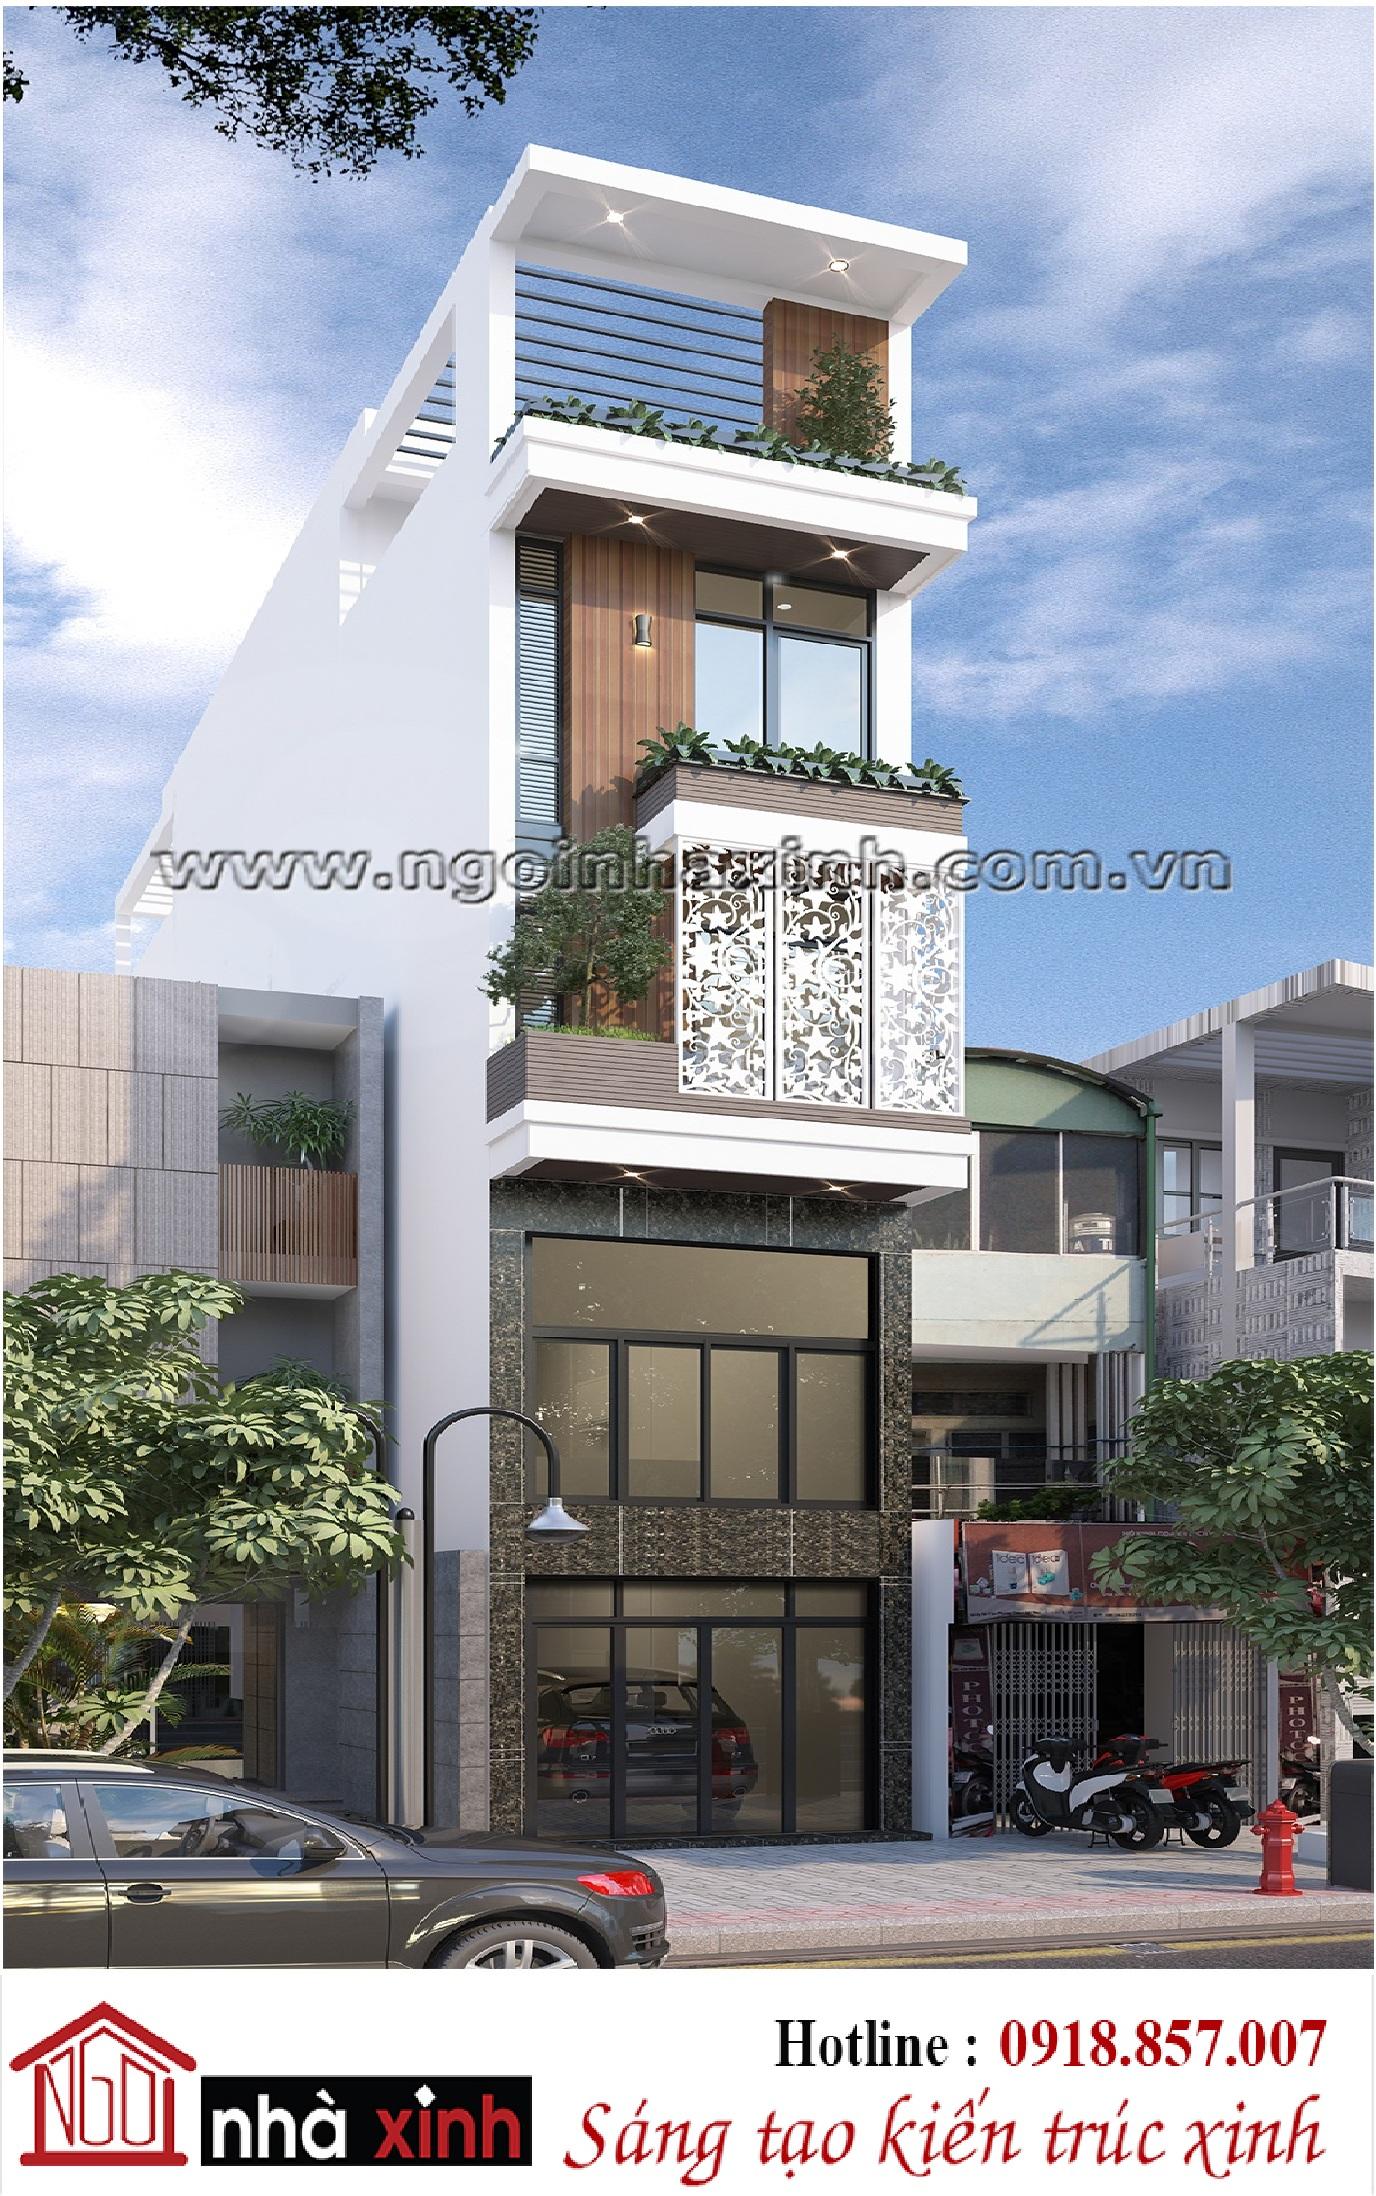 Nhà phố đẹp hiện đại Ngôi Nhà Xinh nhà chị Tâm - Hình 1